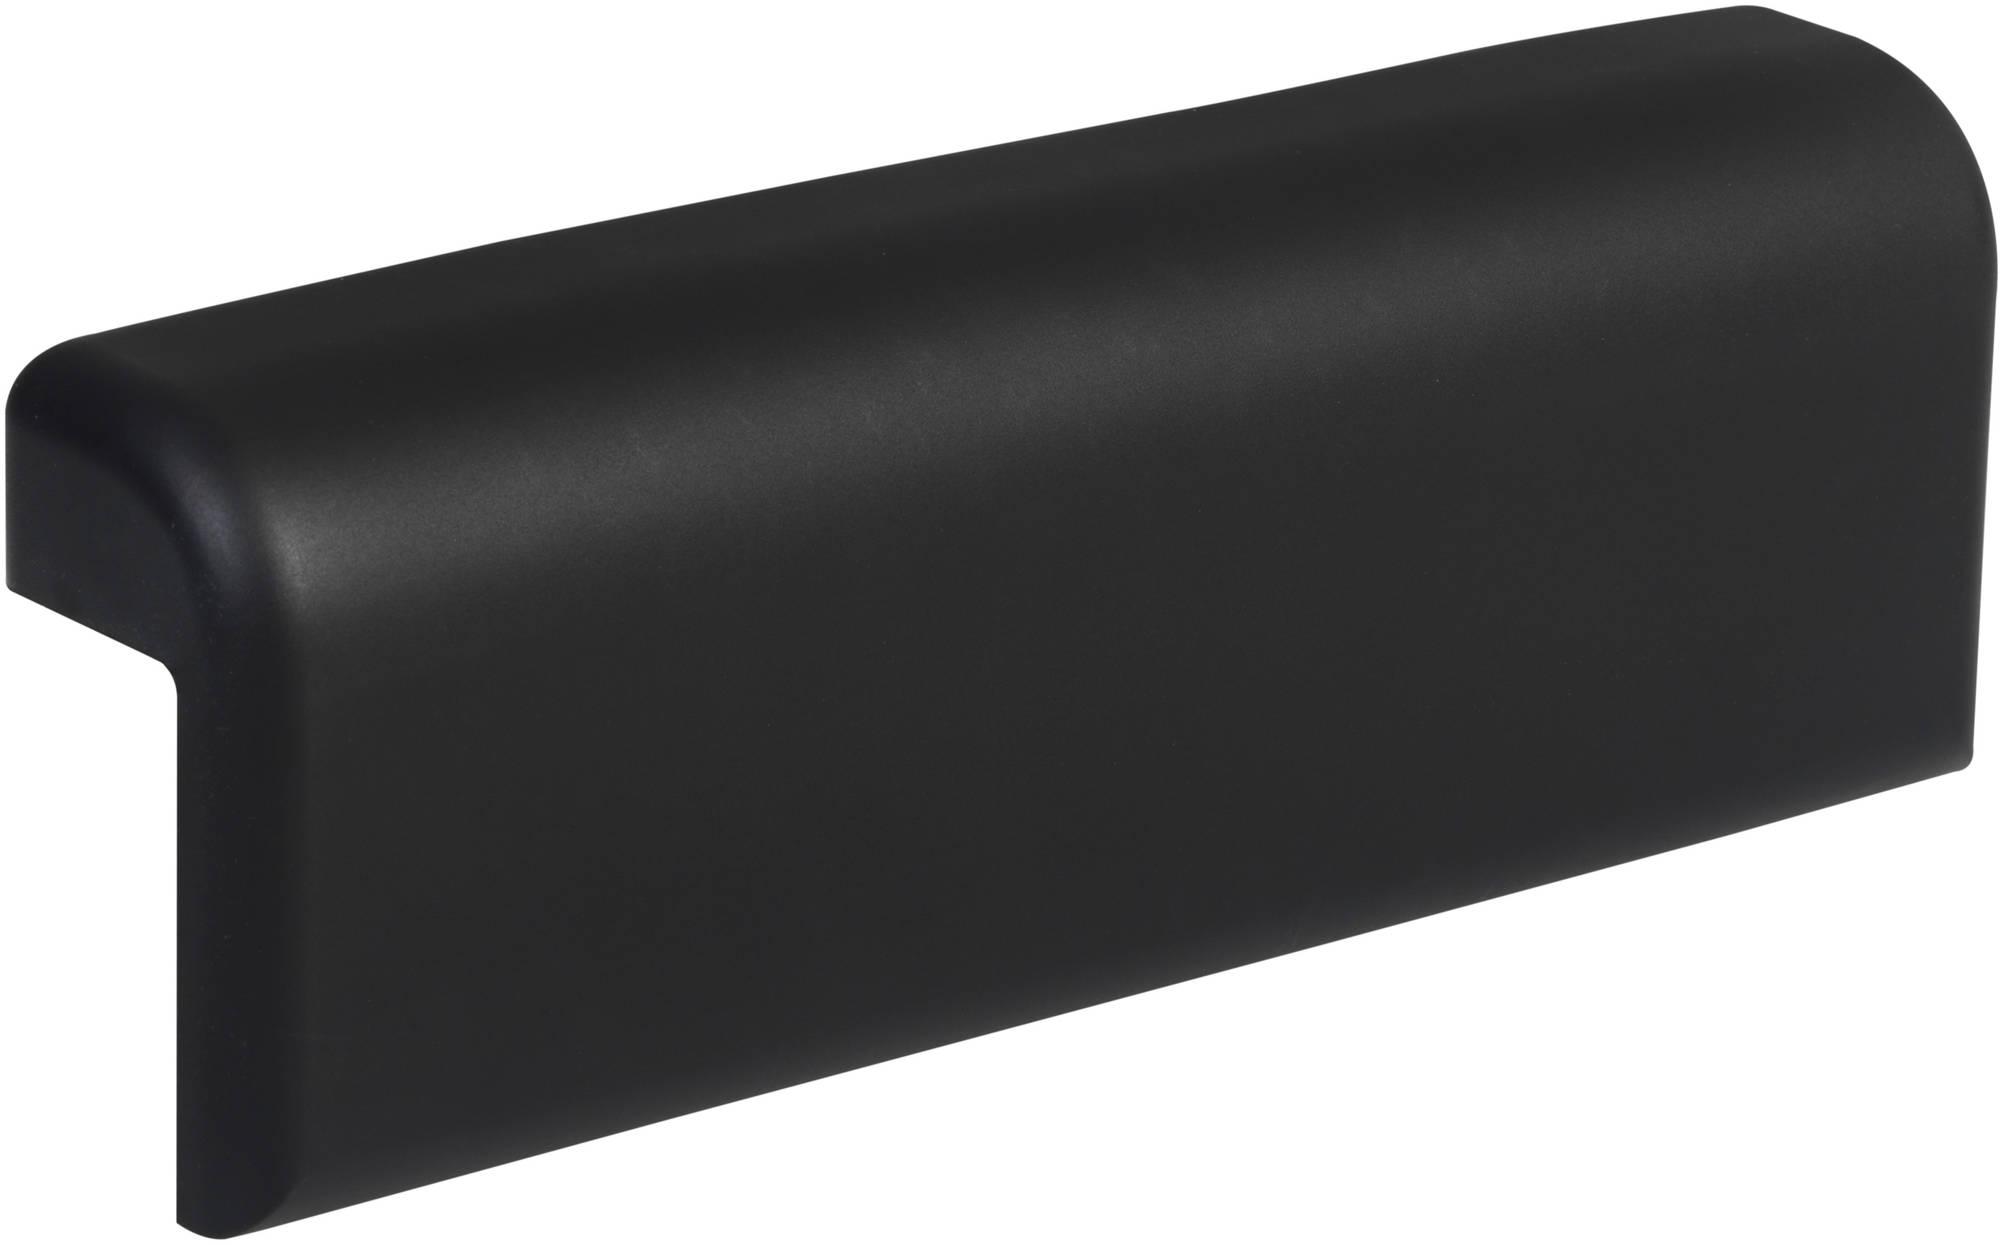 Ben Comfort Badkussen 36x14cm Zwart